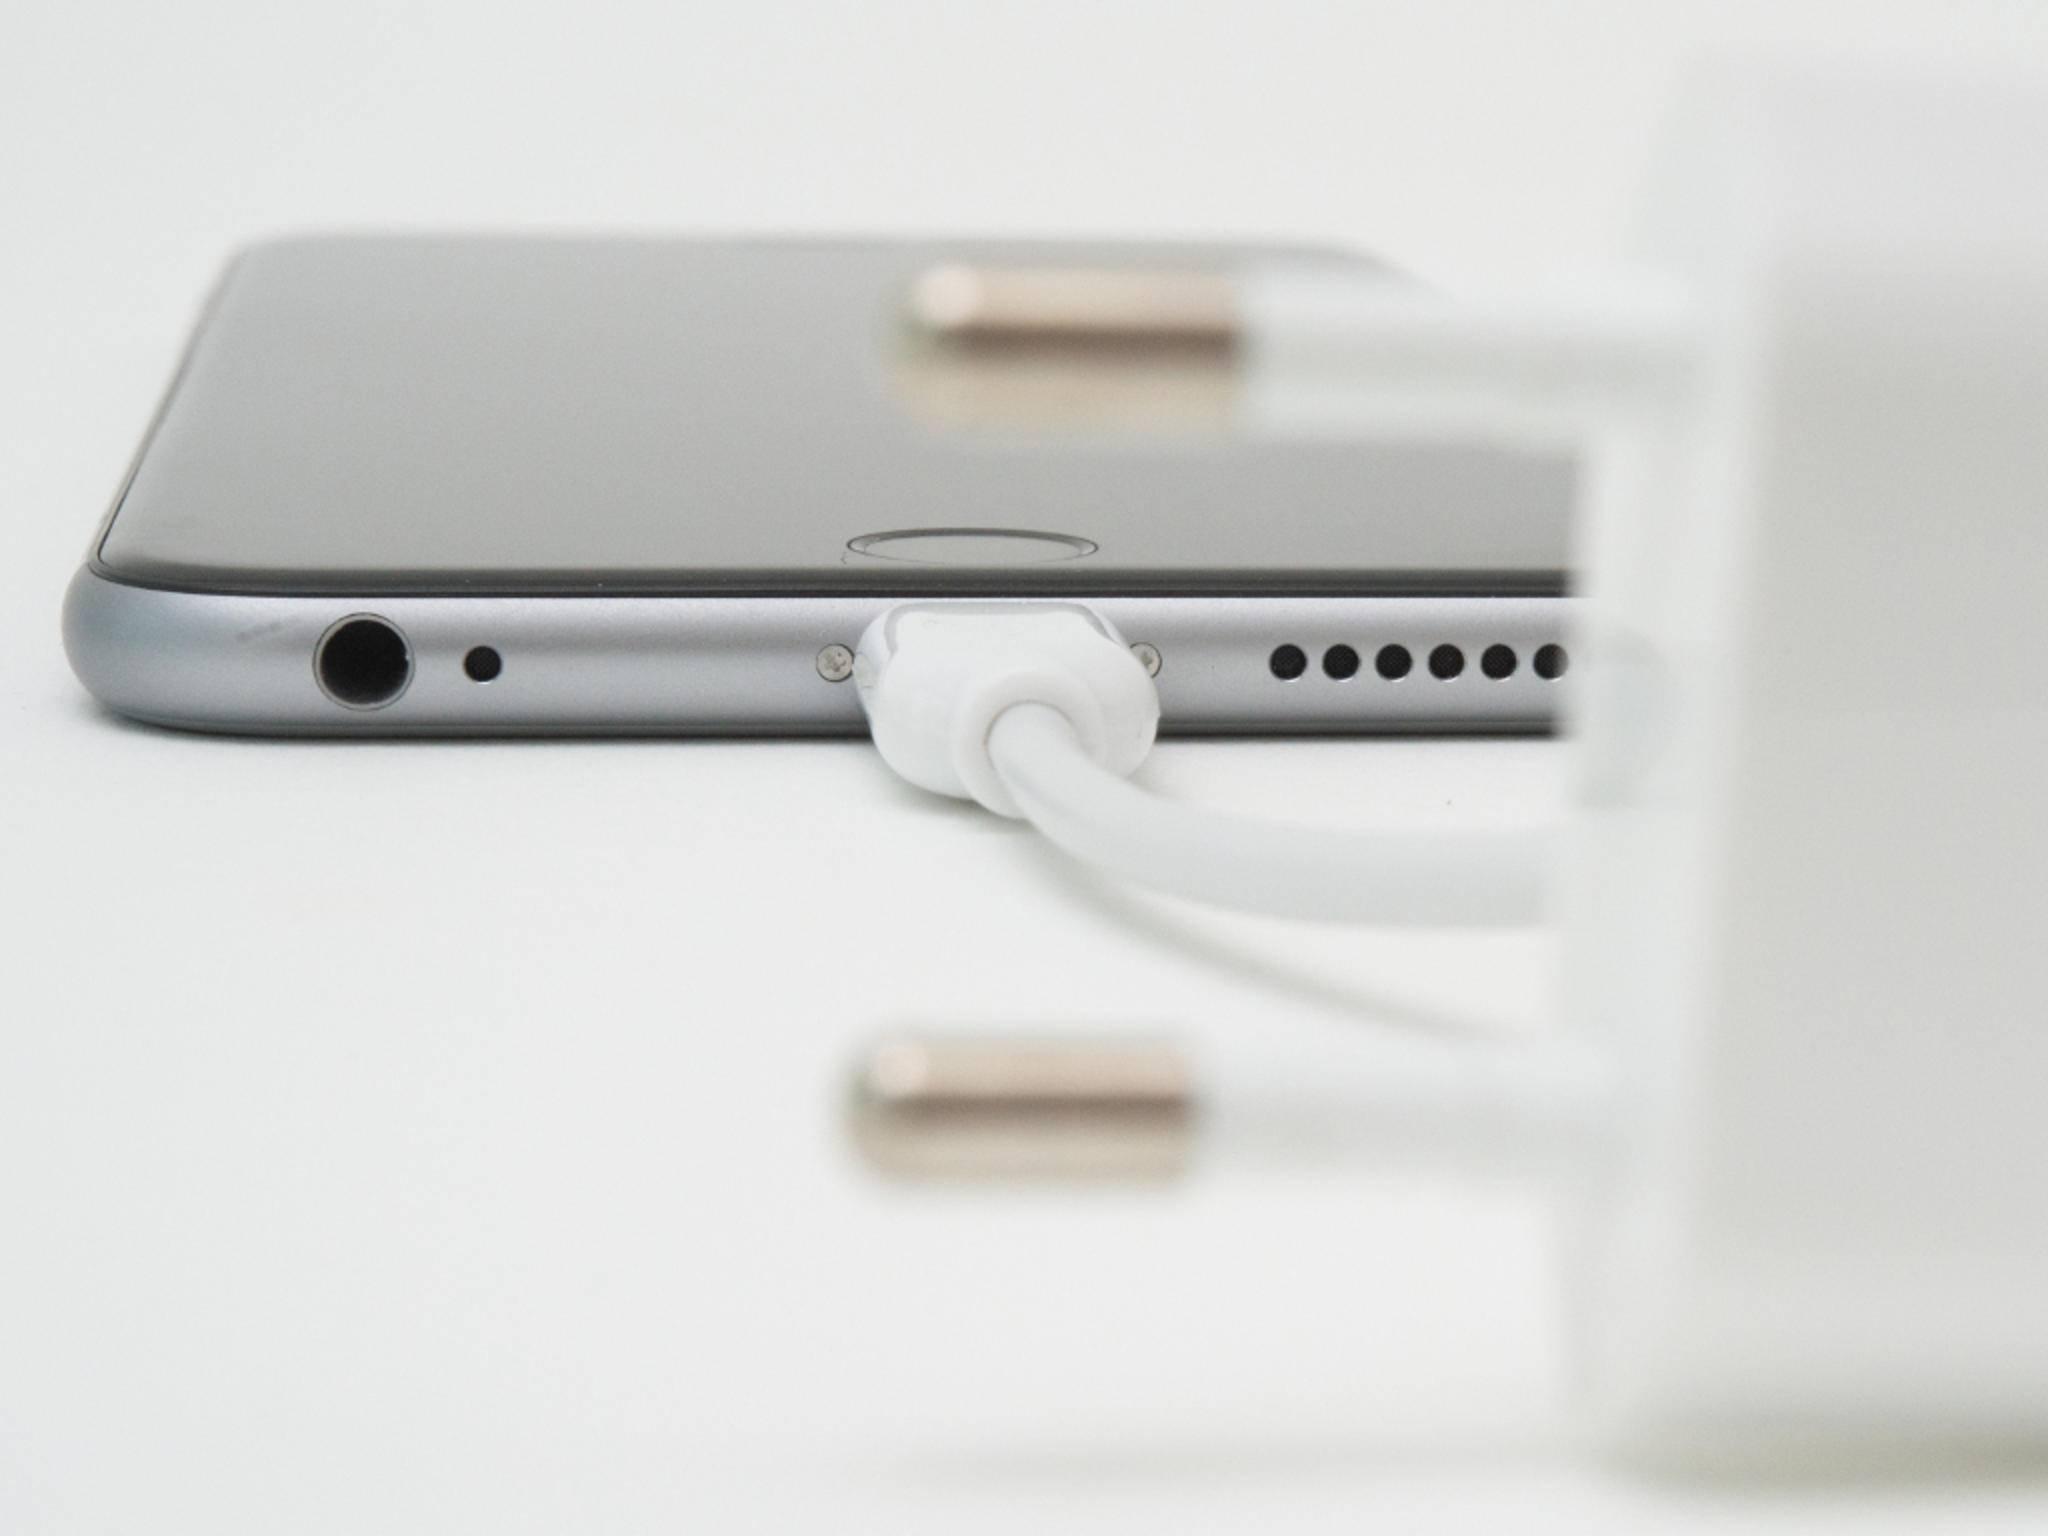 An den Lightning-Anschluss kann allerlei Zubehör angeschlossen werden.